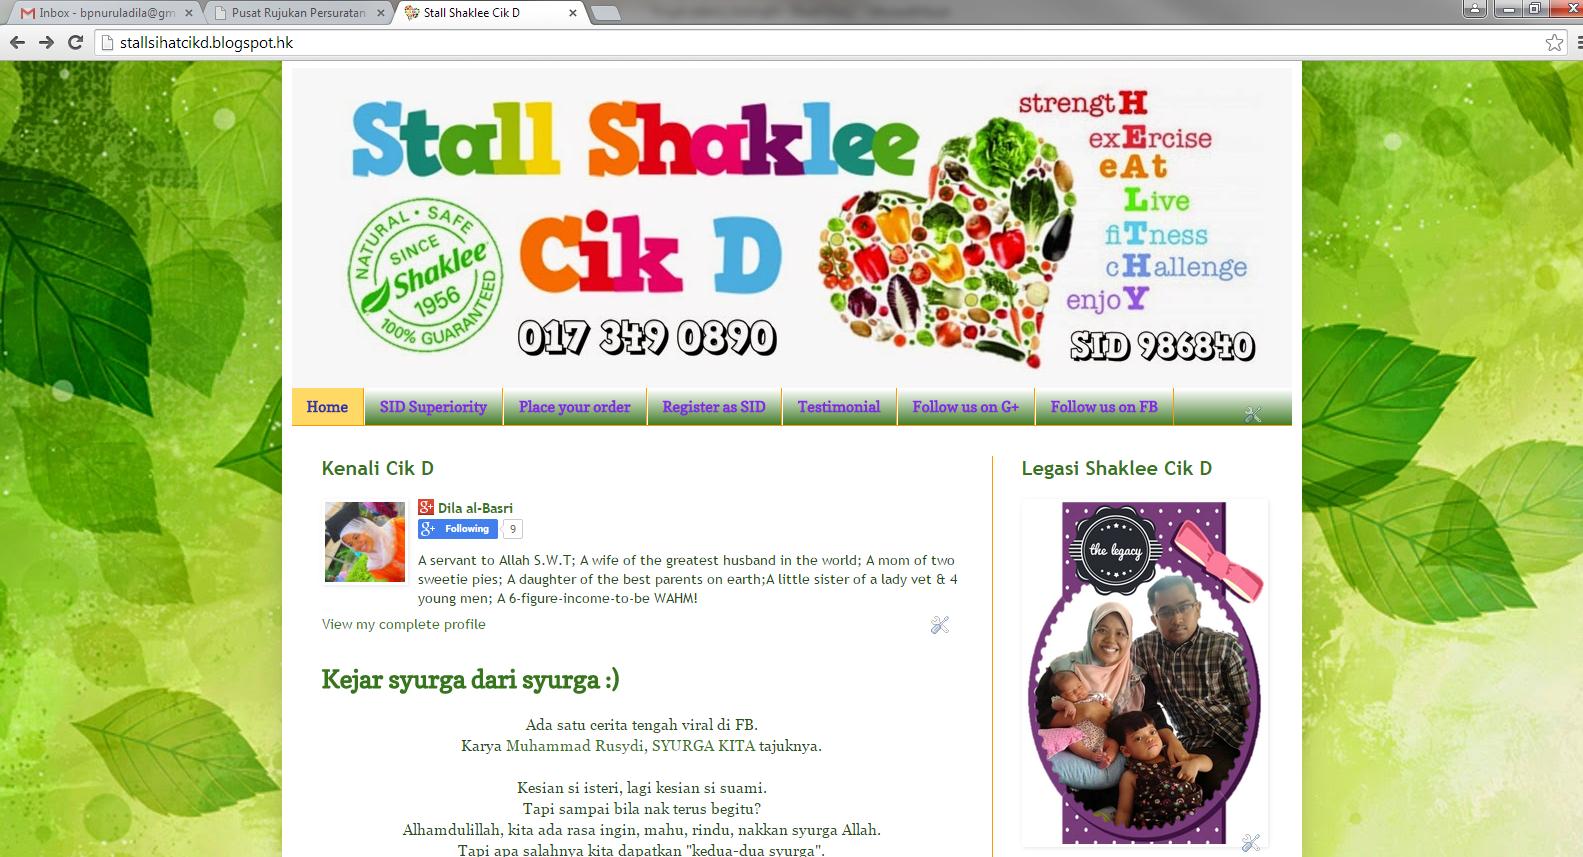 http://stallsihatcikd.blogspot.com